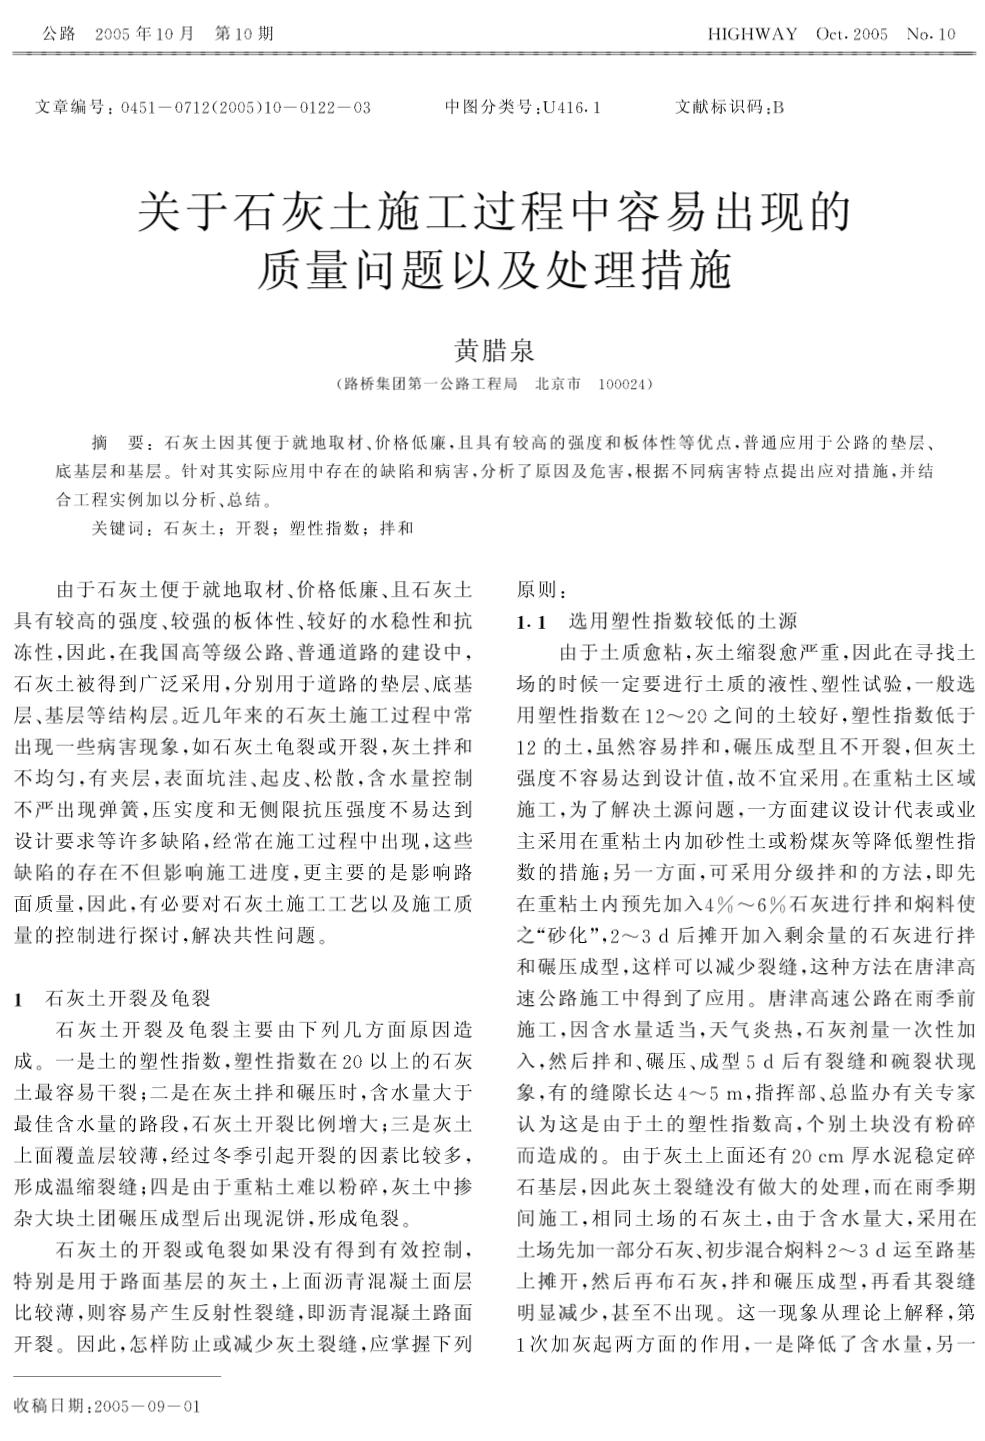 关于石灰土施工过程中容易出现的质量问题以及处理措施.pdf本文上传自路桥吾爱-lq52.com-图一